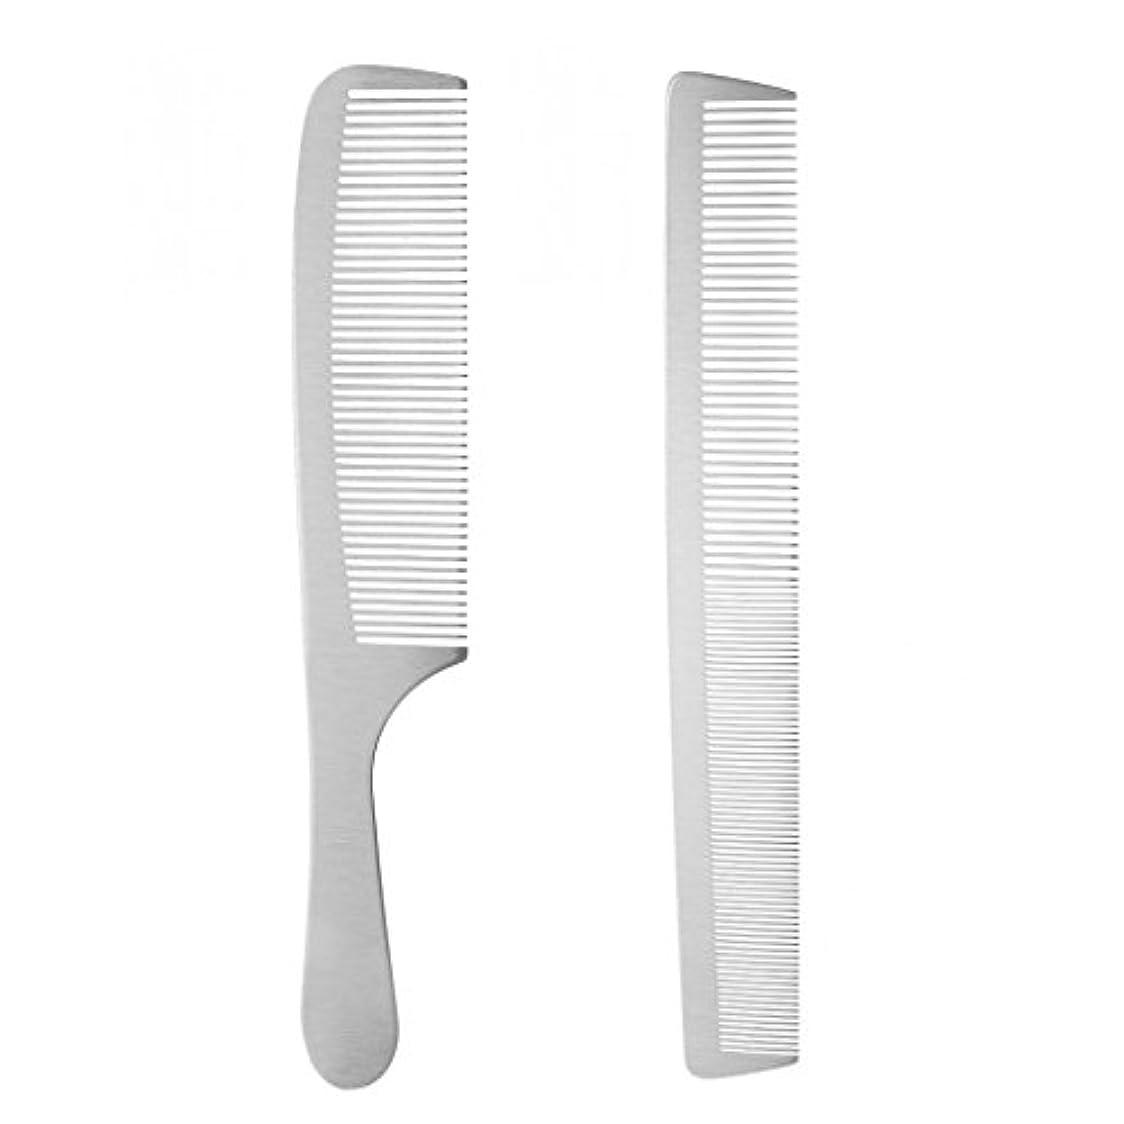 知恵早く患者Baosity 2個 ヘアスタイリング ヘアカットコーム 櫛 ヘアブラシ ステンレス鋼 サロン 理髪師 カッティング 耐久性 耐熱性